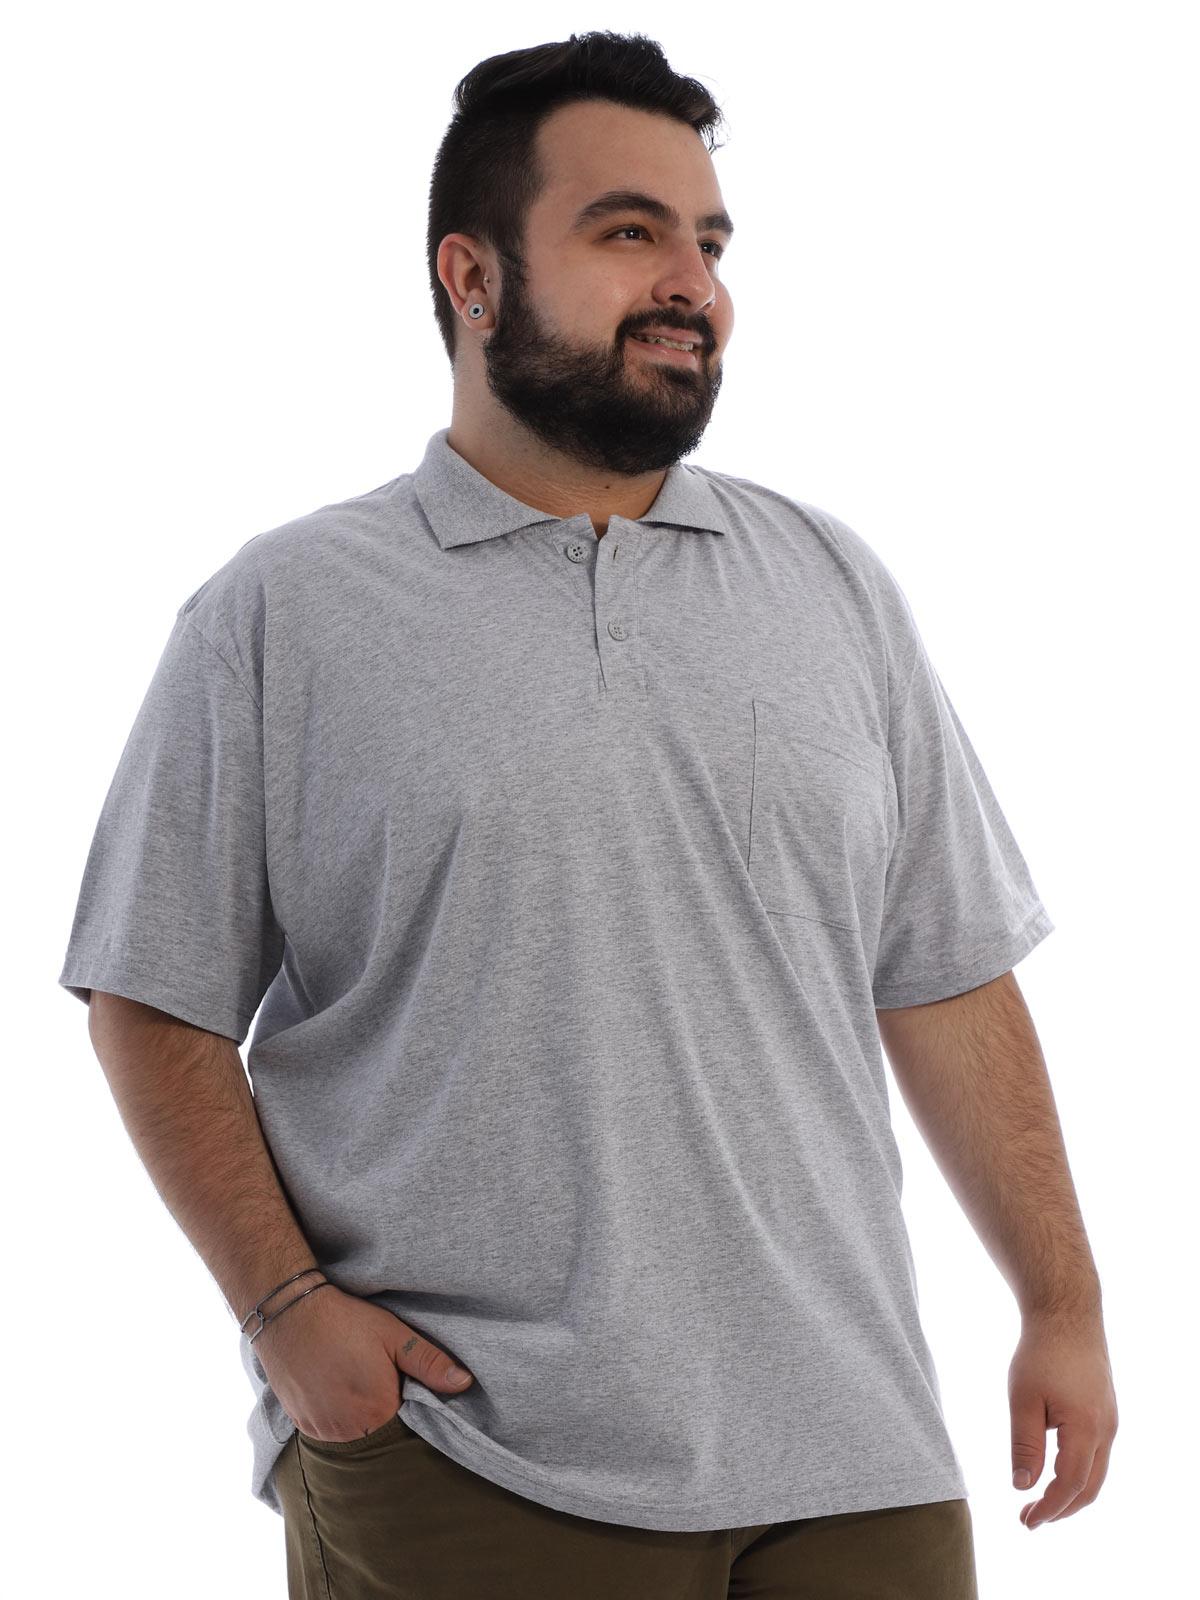 Camisa Polo Plus Size Masculina com Bolso Basica Mescla